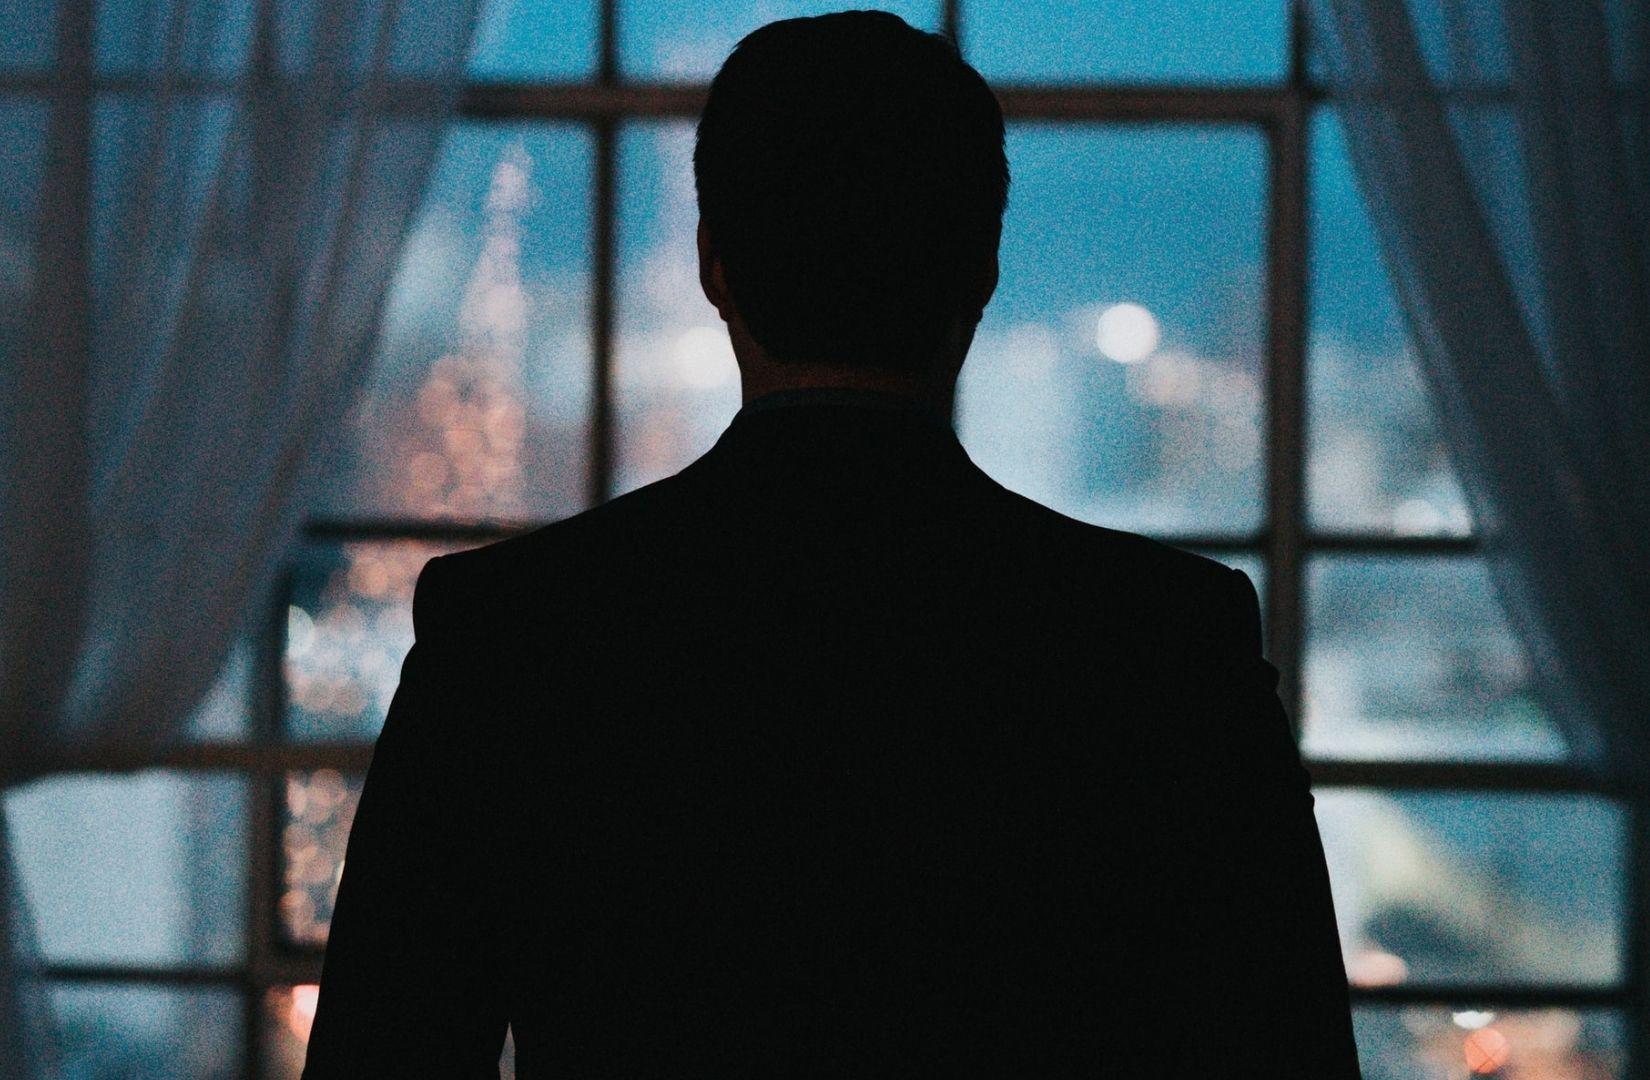 Der Fall Alexei Nawalny hat geopolitische Auswirkungen. (Foto: Nathan Dumlao, Unsplash.com)